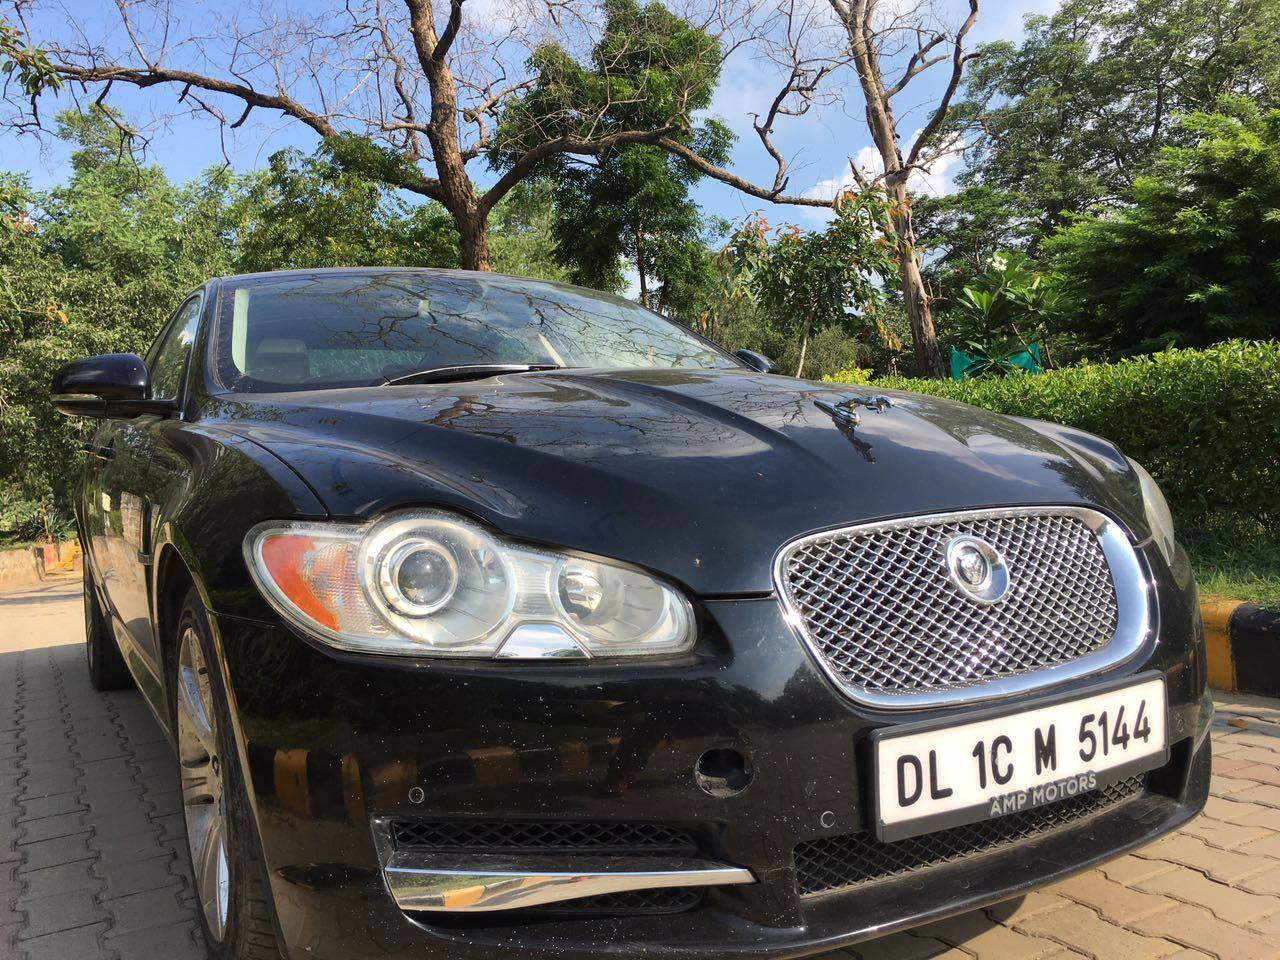 Jaguar XF 2009-2013 Diesel